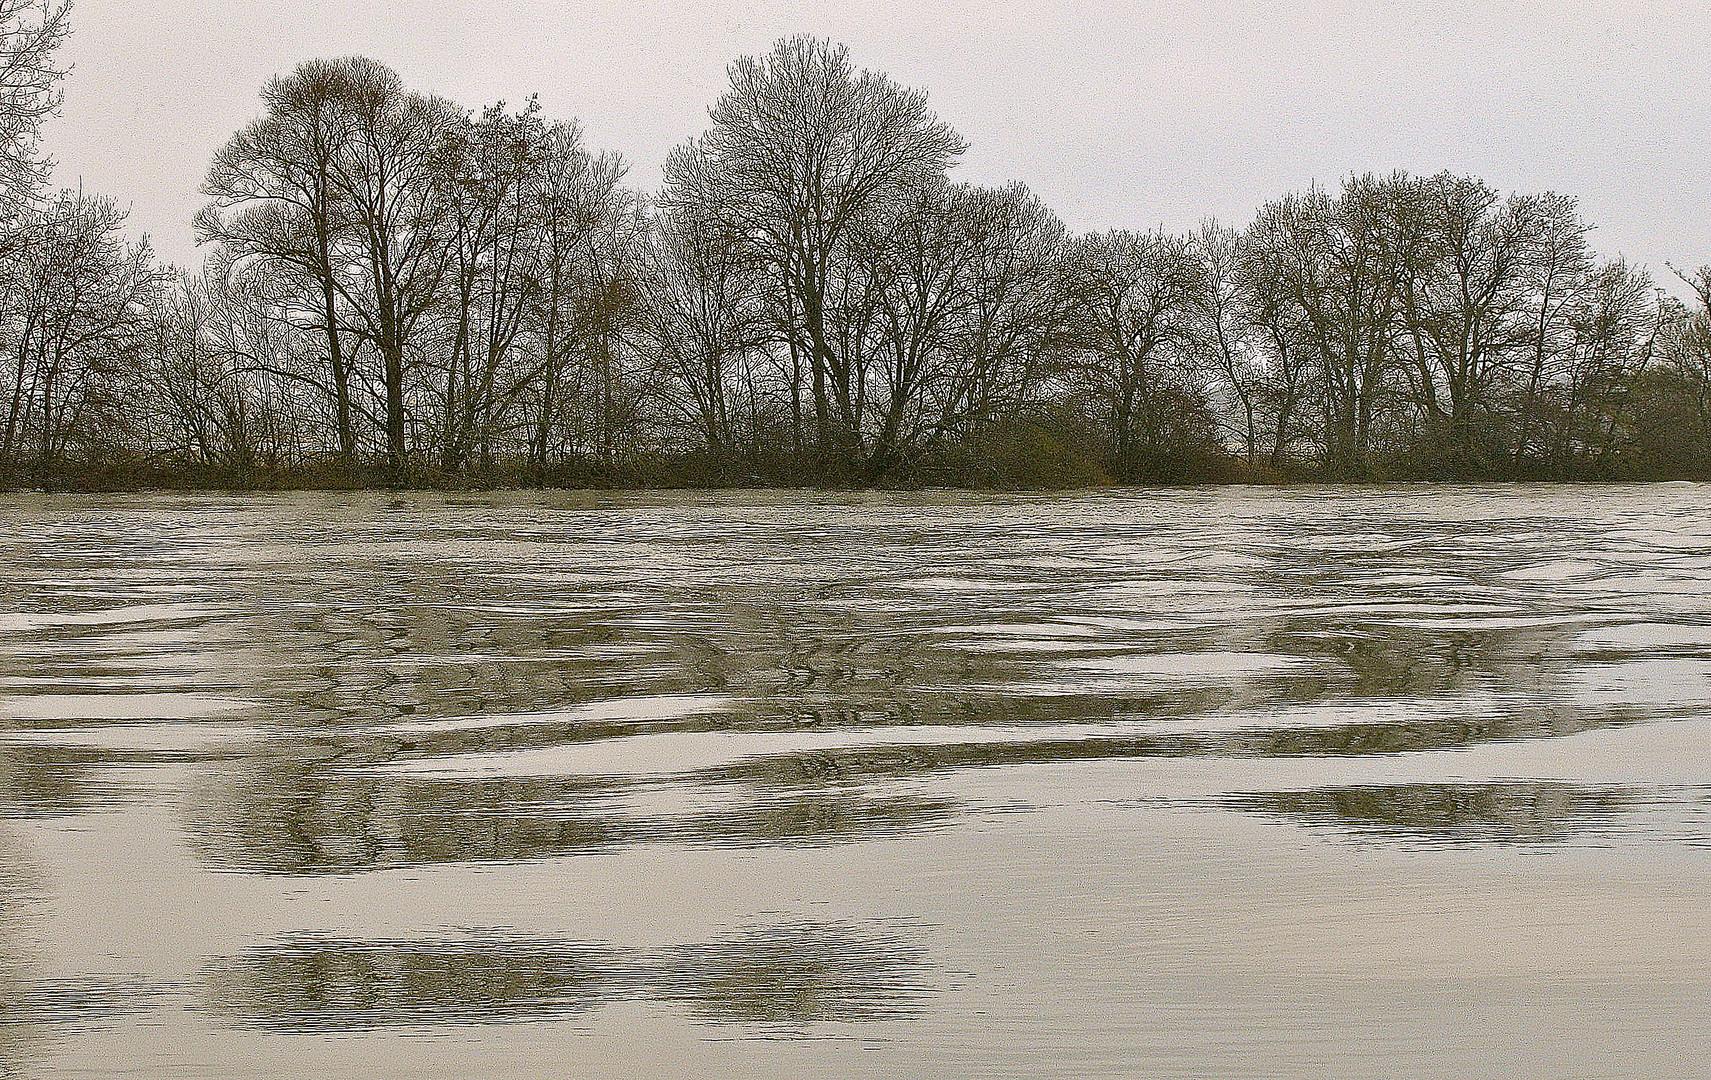 ... Impressionen an der Saône ...